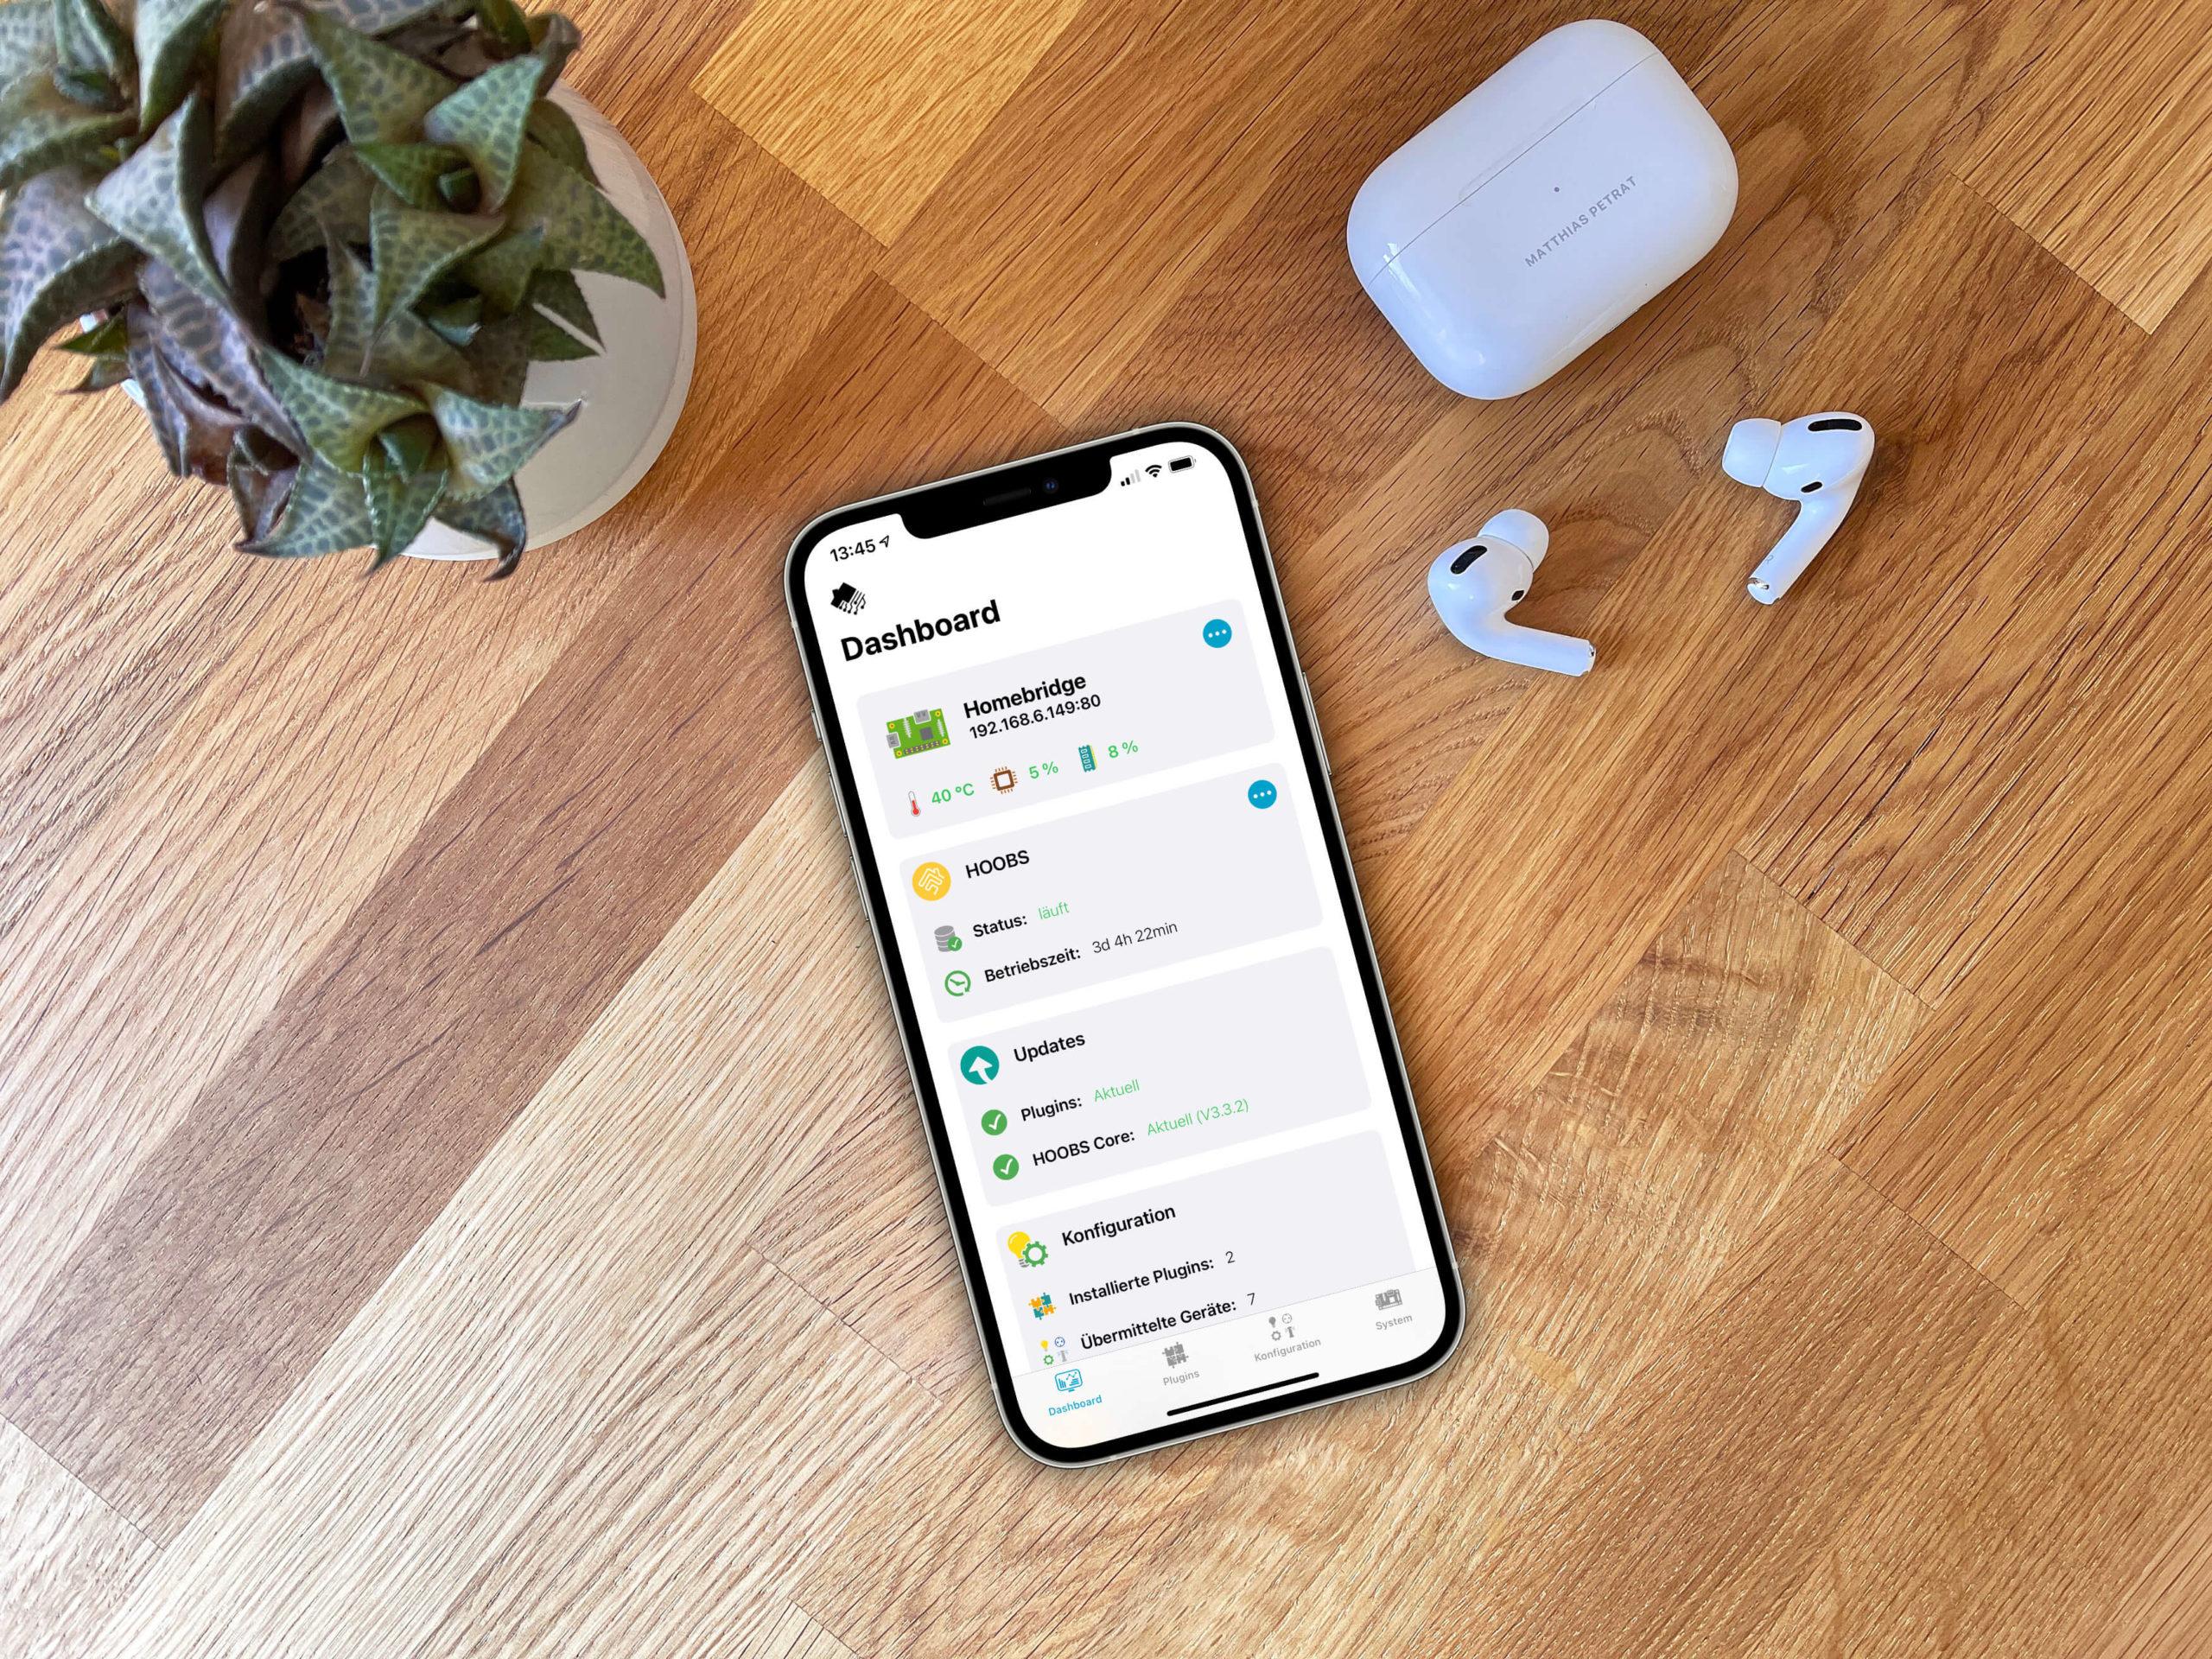 Homemanager-3.0-Homebridge-fuer-Apple-HomeKit-einfach-und-verstaendlich1-scaled Homemanager 3 - Homebridge für Apple HomeKit einfach und verständlich